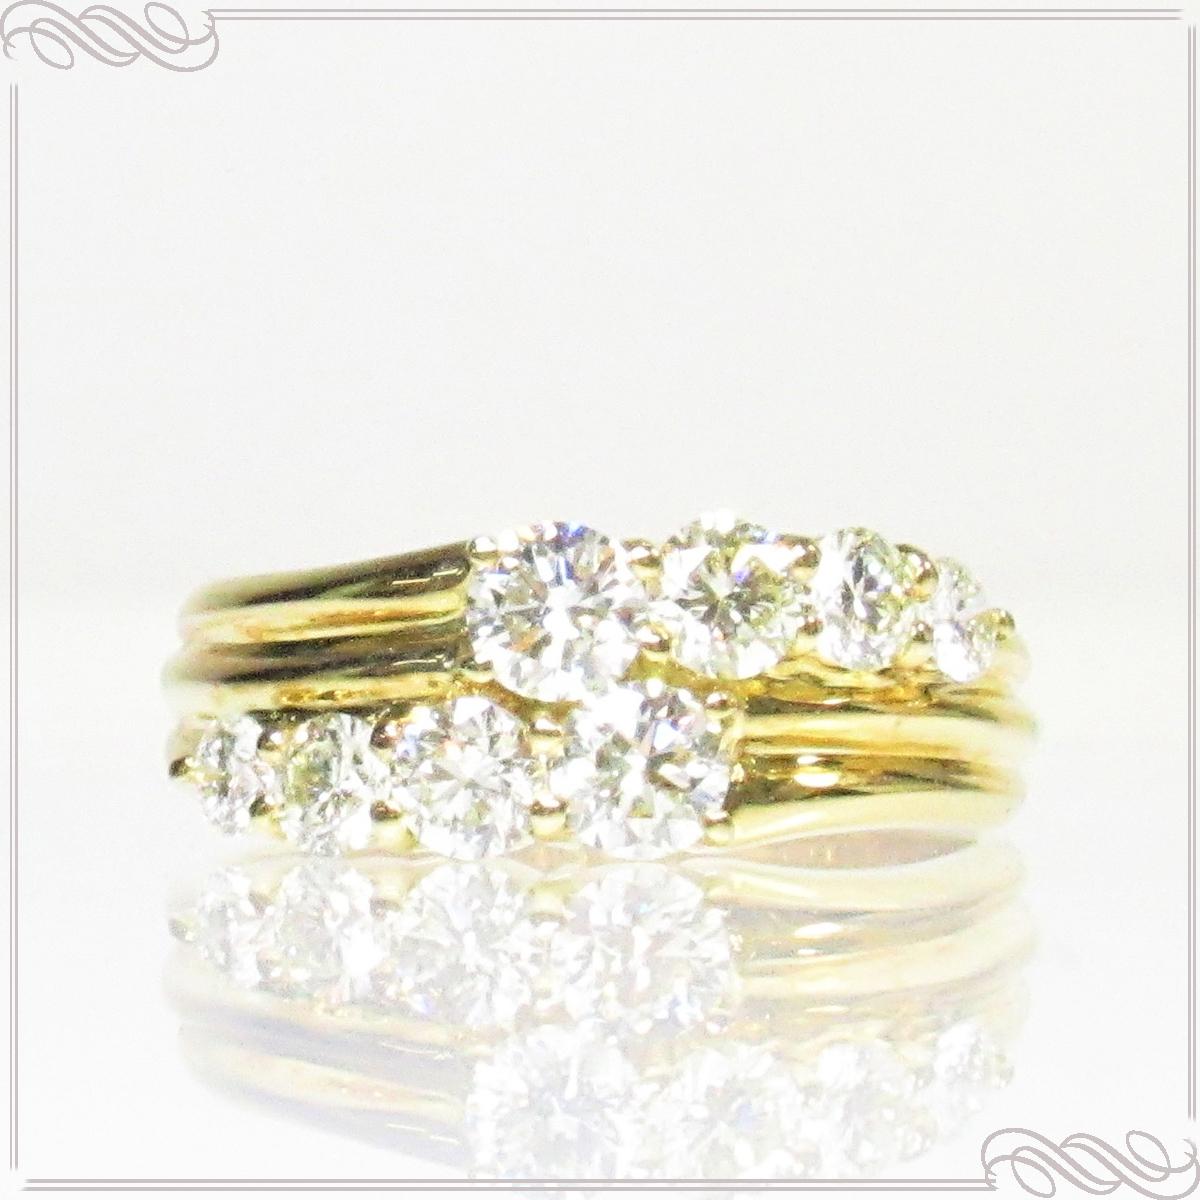 最も信頼できる ≪送料無料≫ リング 指輪 レディース K18YG Love&Fish/ラブアンドフィッシュ K18 K18YG 18金 8pcs ゴールド イエローゴールド 女性 大人 上品 プレゼント ギフト ダイヤモンド 8pcs リング 0.91ct 天然ダイヤ ブリリアント 日本製 ご褒美ジュエリー 誕生日 Love&Fish/ラブアンドフィッシュ, YASUI SMART:81860637 --- experiencesar.com.ar